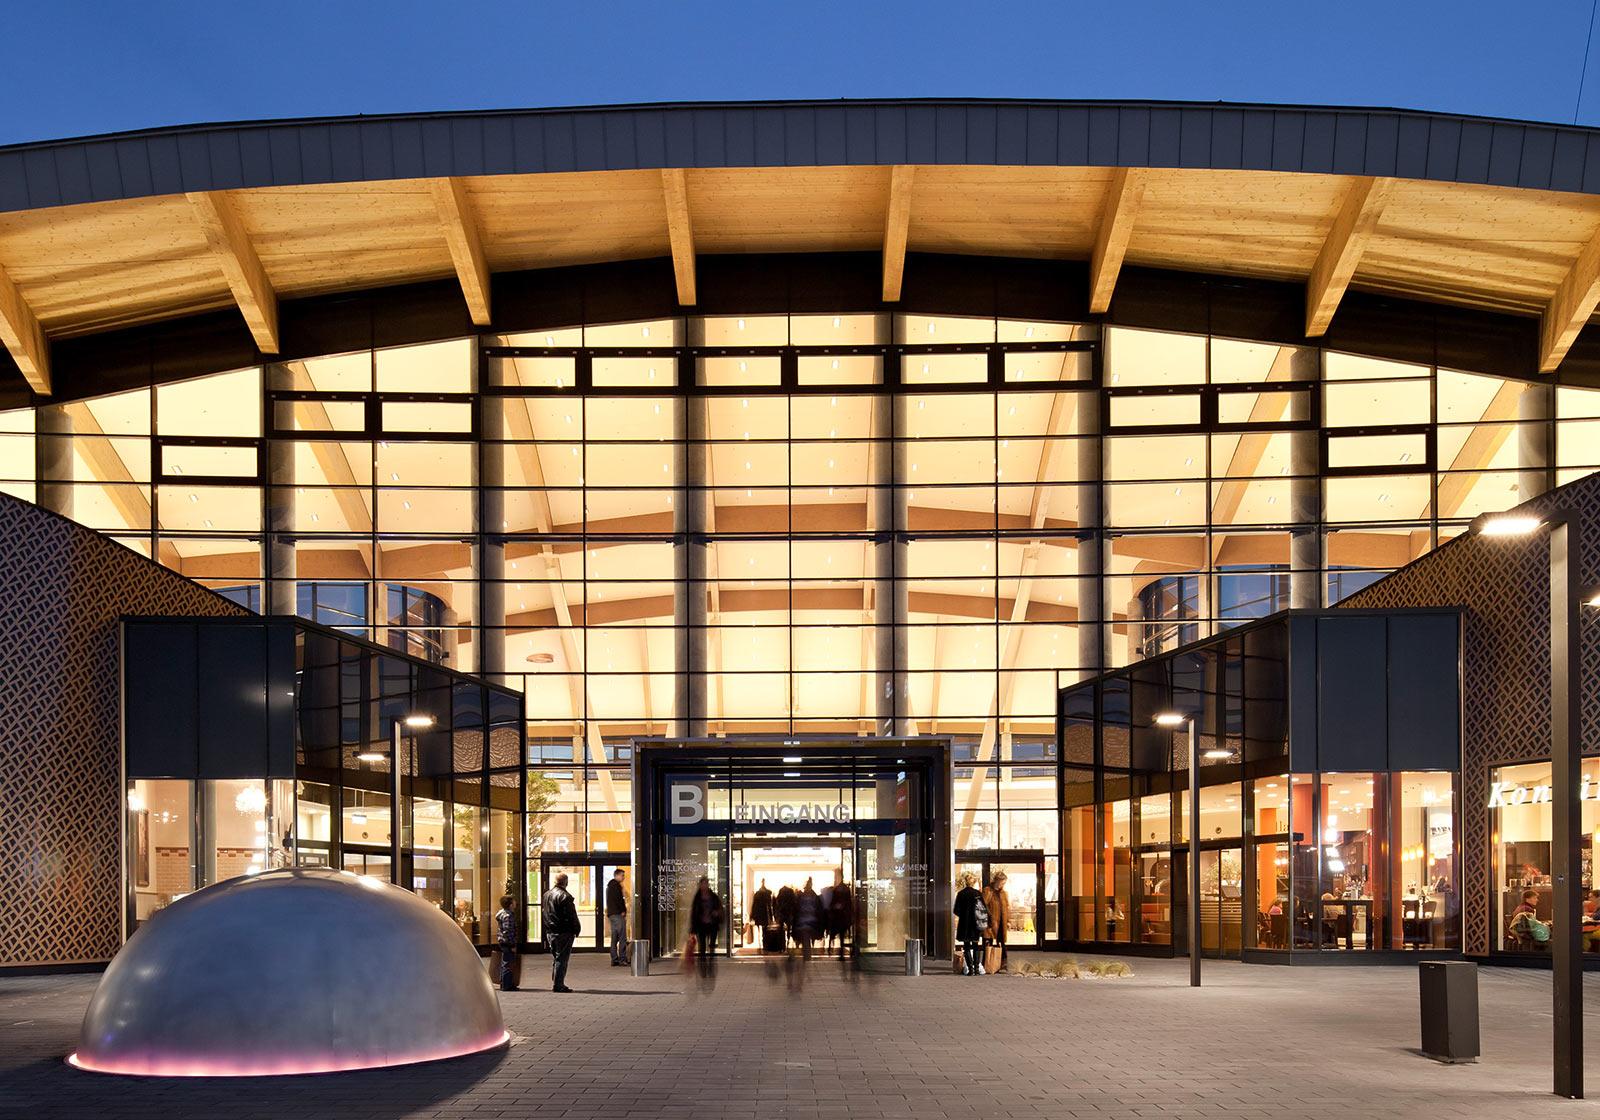 Торговый курорт G3 в Герасдорф-бай-Вин сопровождался компанией ATP sustain на протяжении проектирования и строительства, а также был удостоен сертификата BREEAM с высокой оценкой в 2013 году. Источник фото: ATP/Kuball